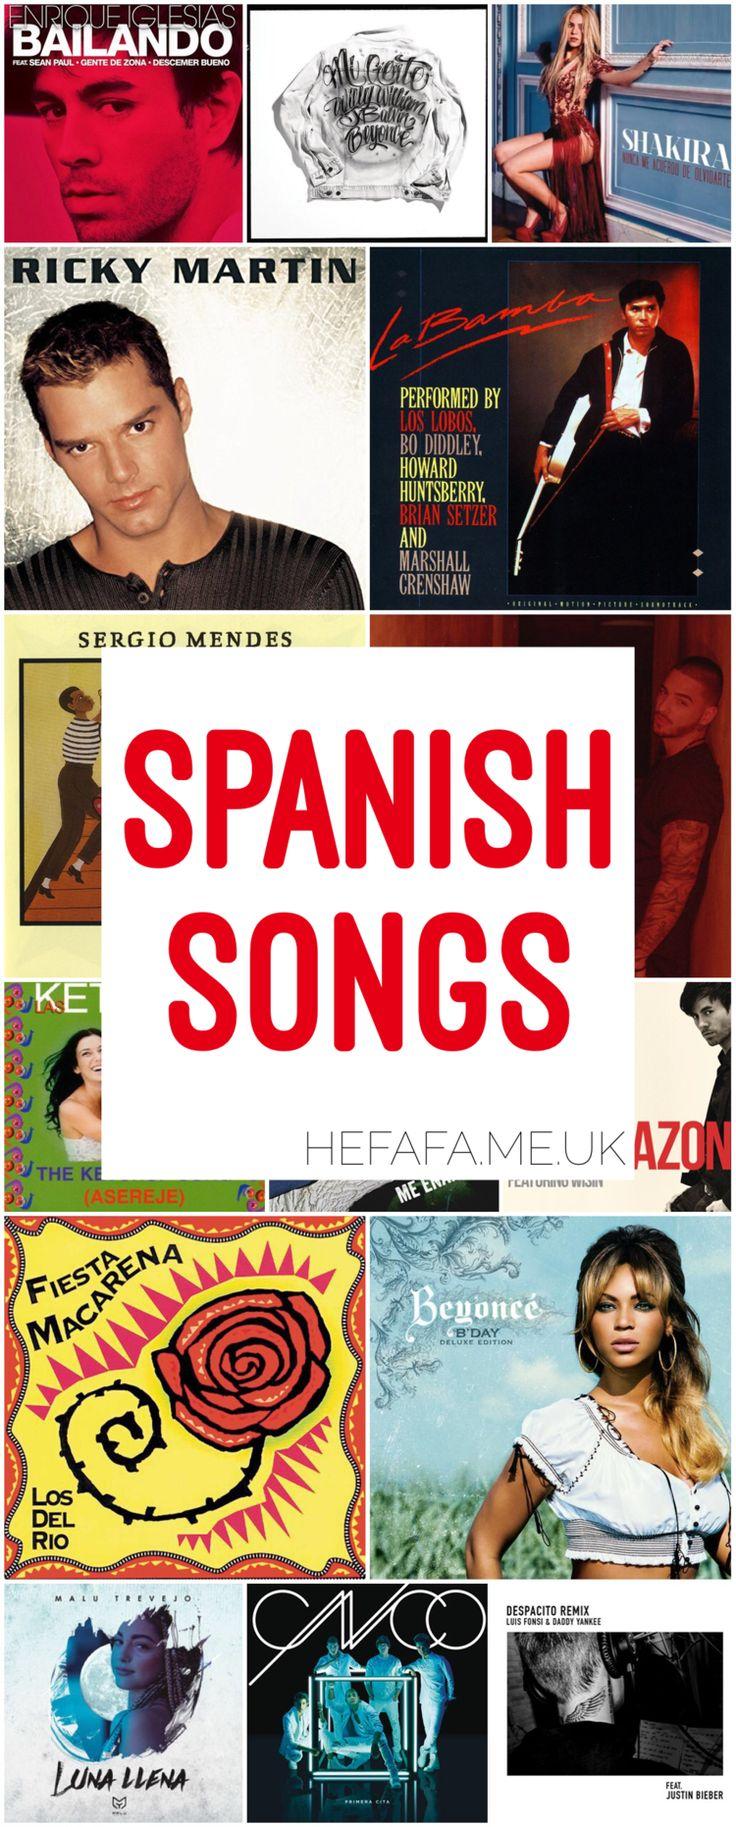 Spanish Songs - Heather Rowland on hefafa.me.uk // Published 1st October 2017